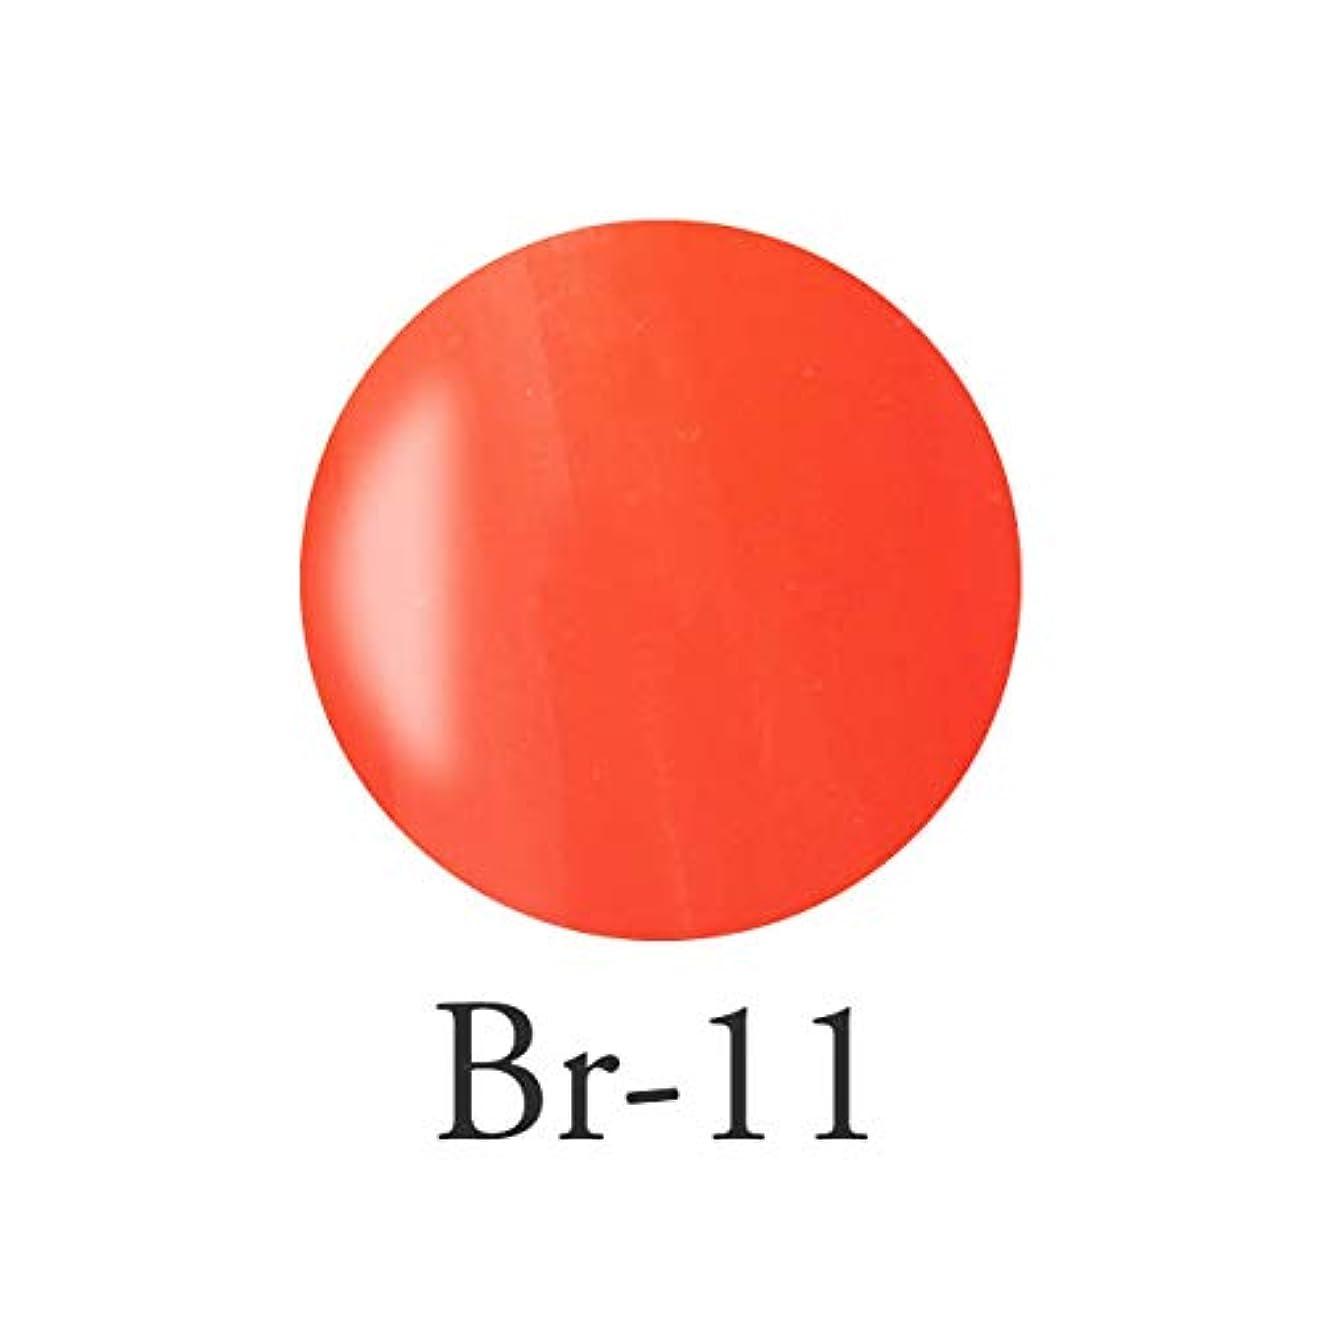 順応性のあるシステム広告主エンジェル クィーンカラージェル コロンブオレンジ Br-11 3g